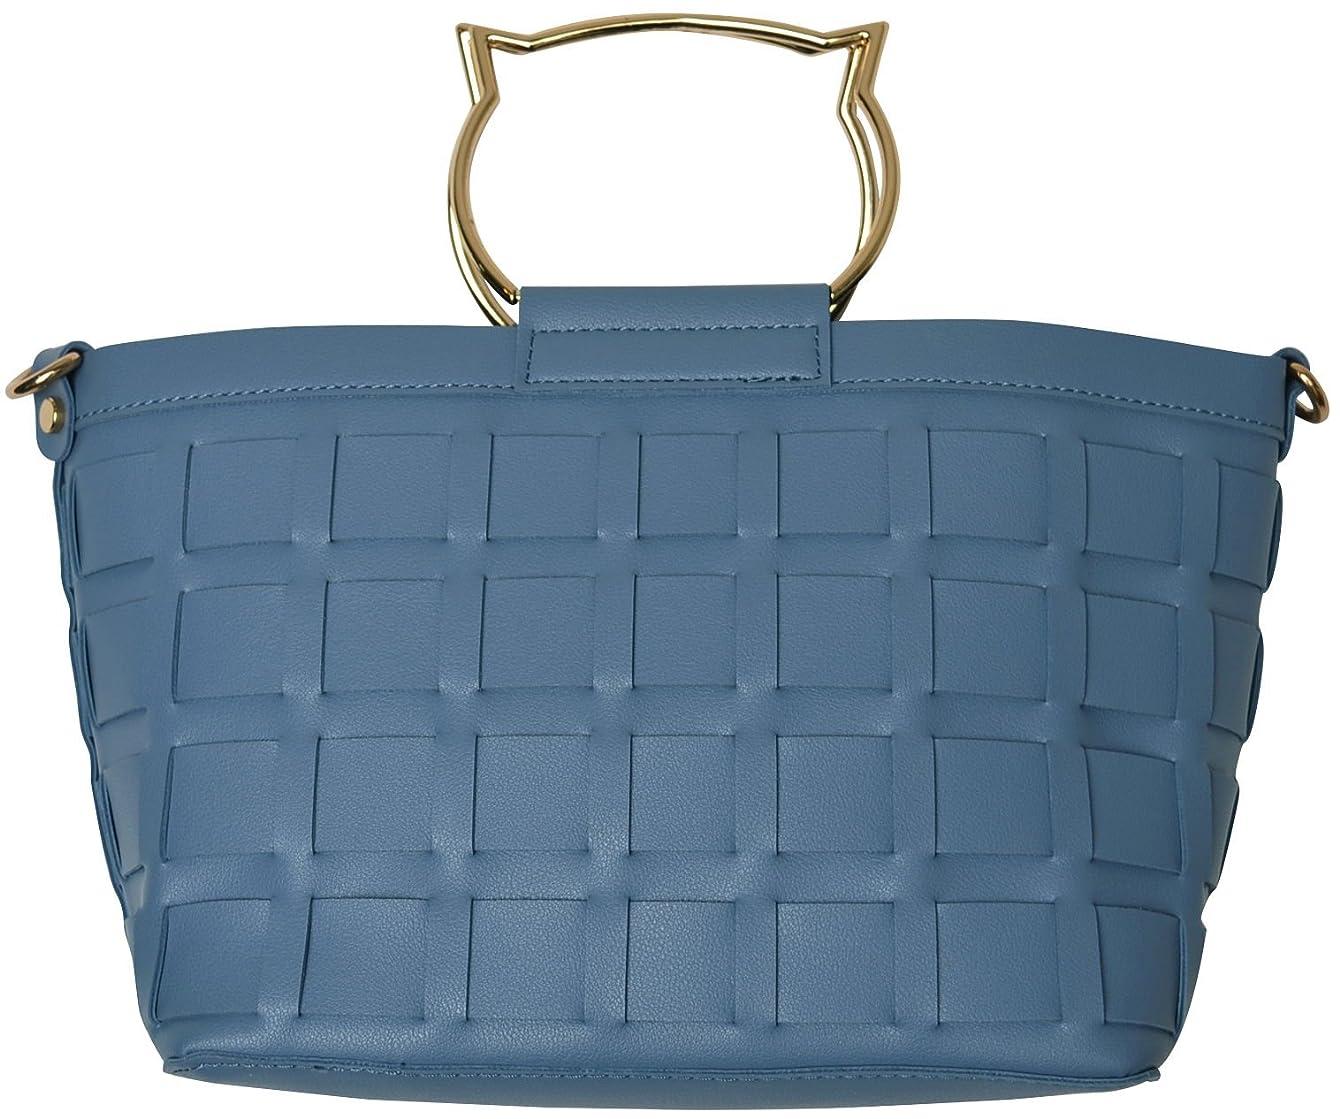 誘惑旋回ダニ(カービーズ) curvy's ハンドバッグ ハンド バッグ カバン 鞄 bag ねこちゃん 猫 ネコ ハンドル 合皮 フェイクレザー メッシュ